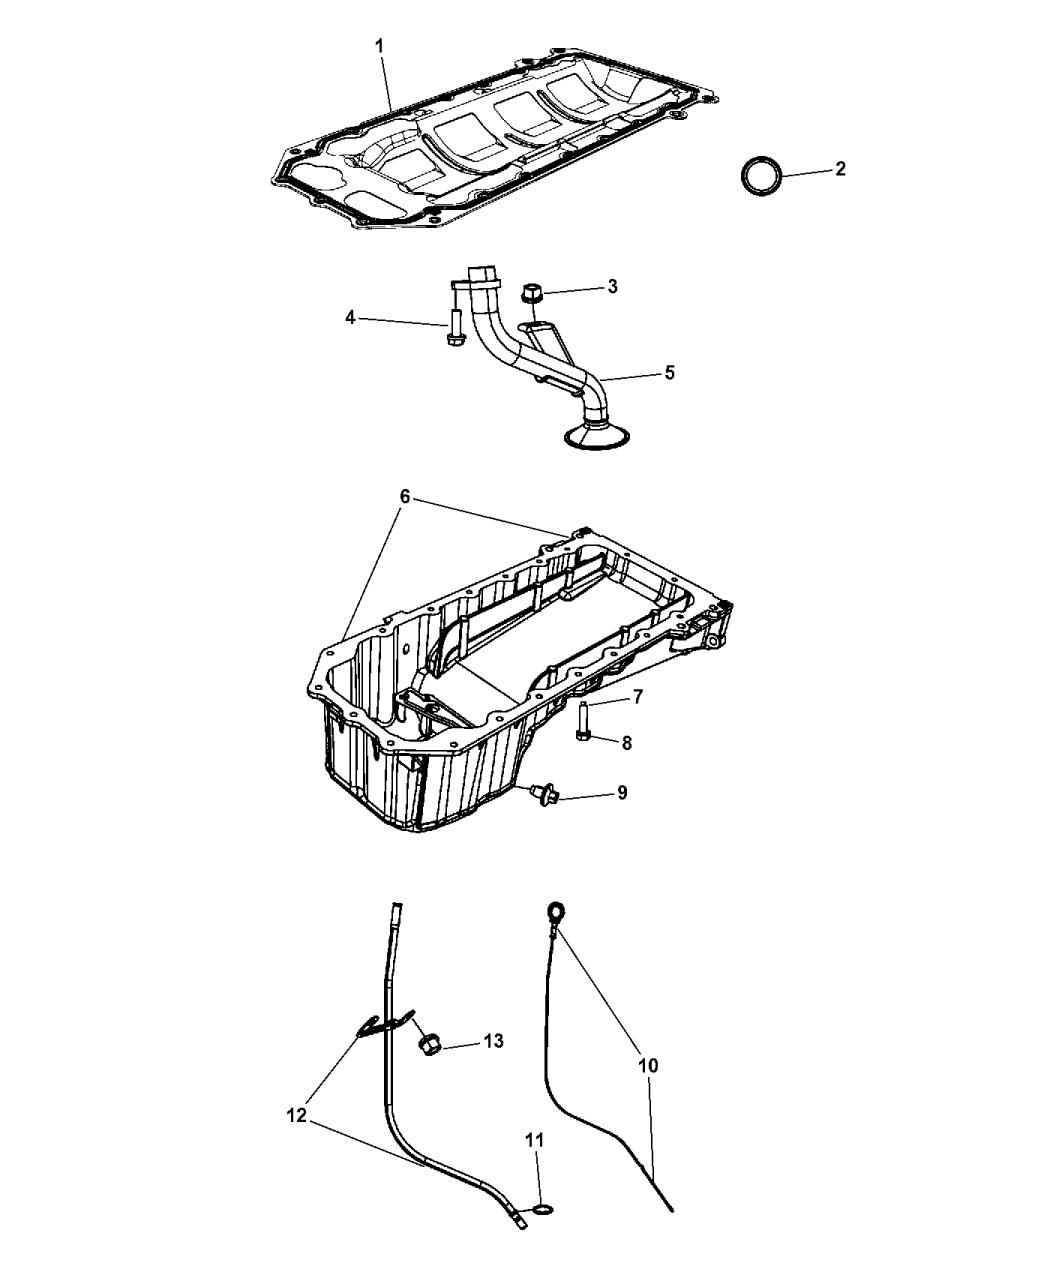 [WRG-2262] Dodge Challenger Engine Diagram